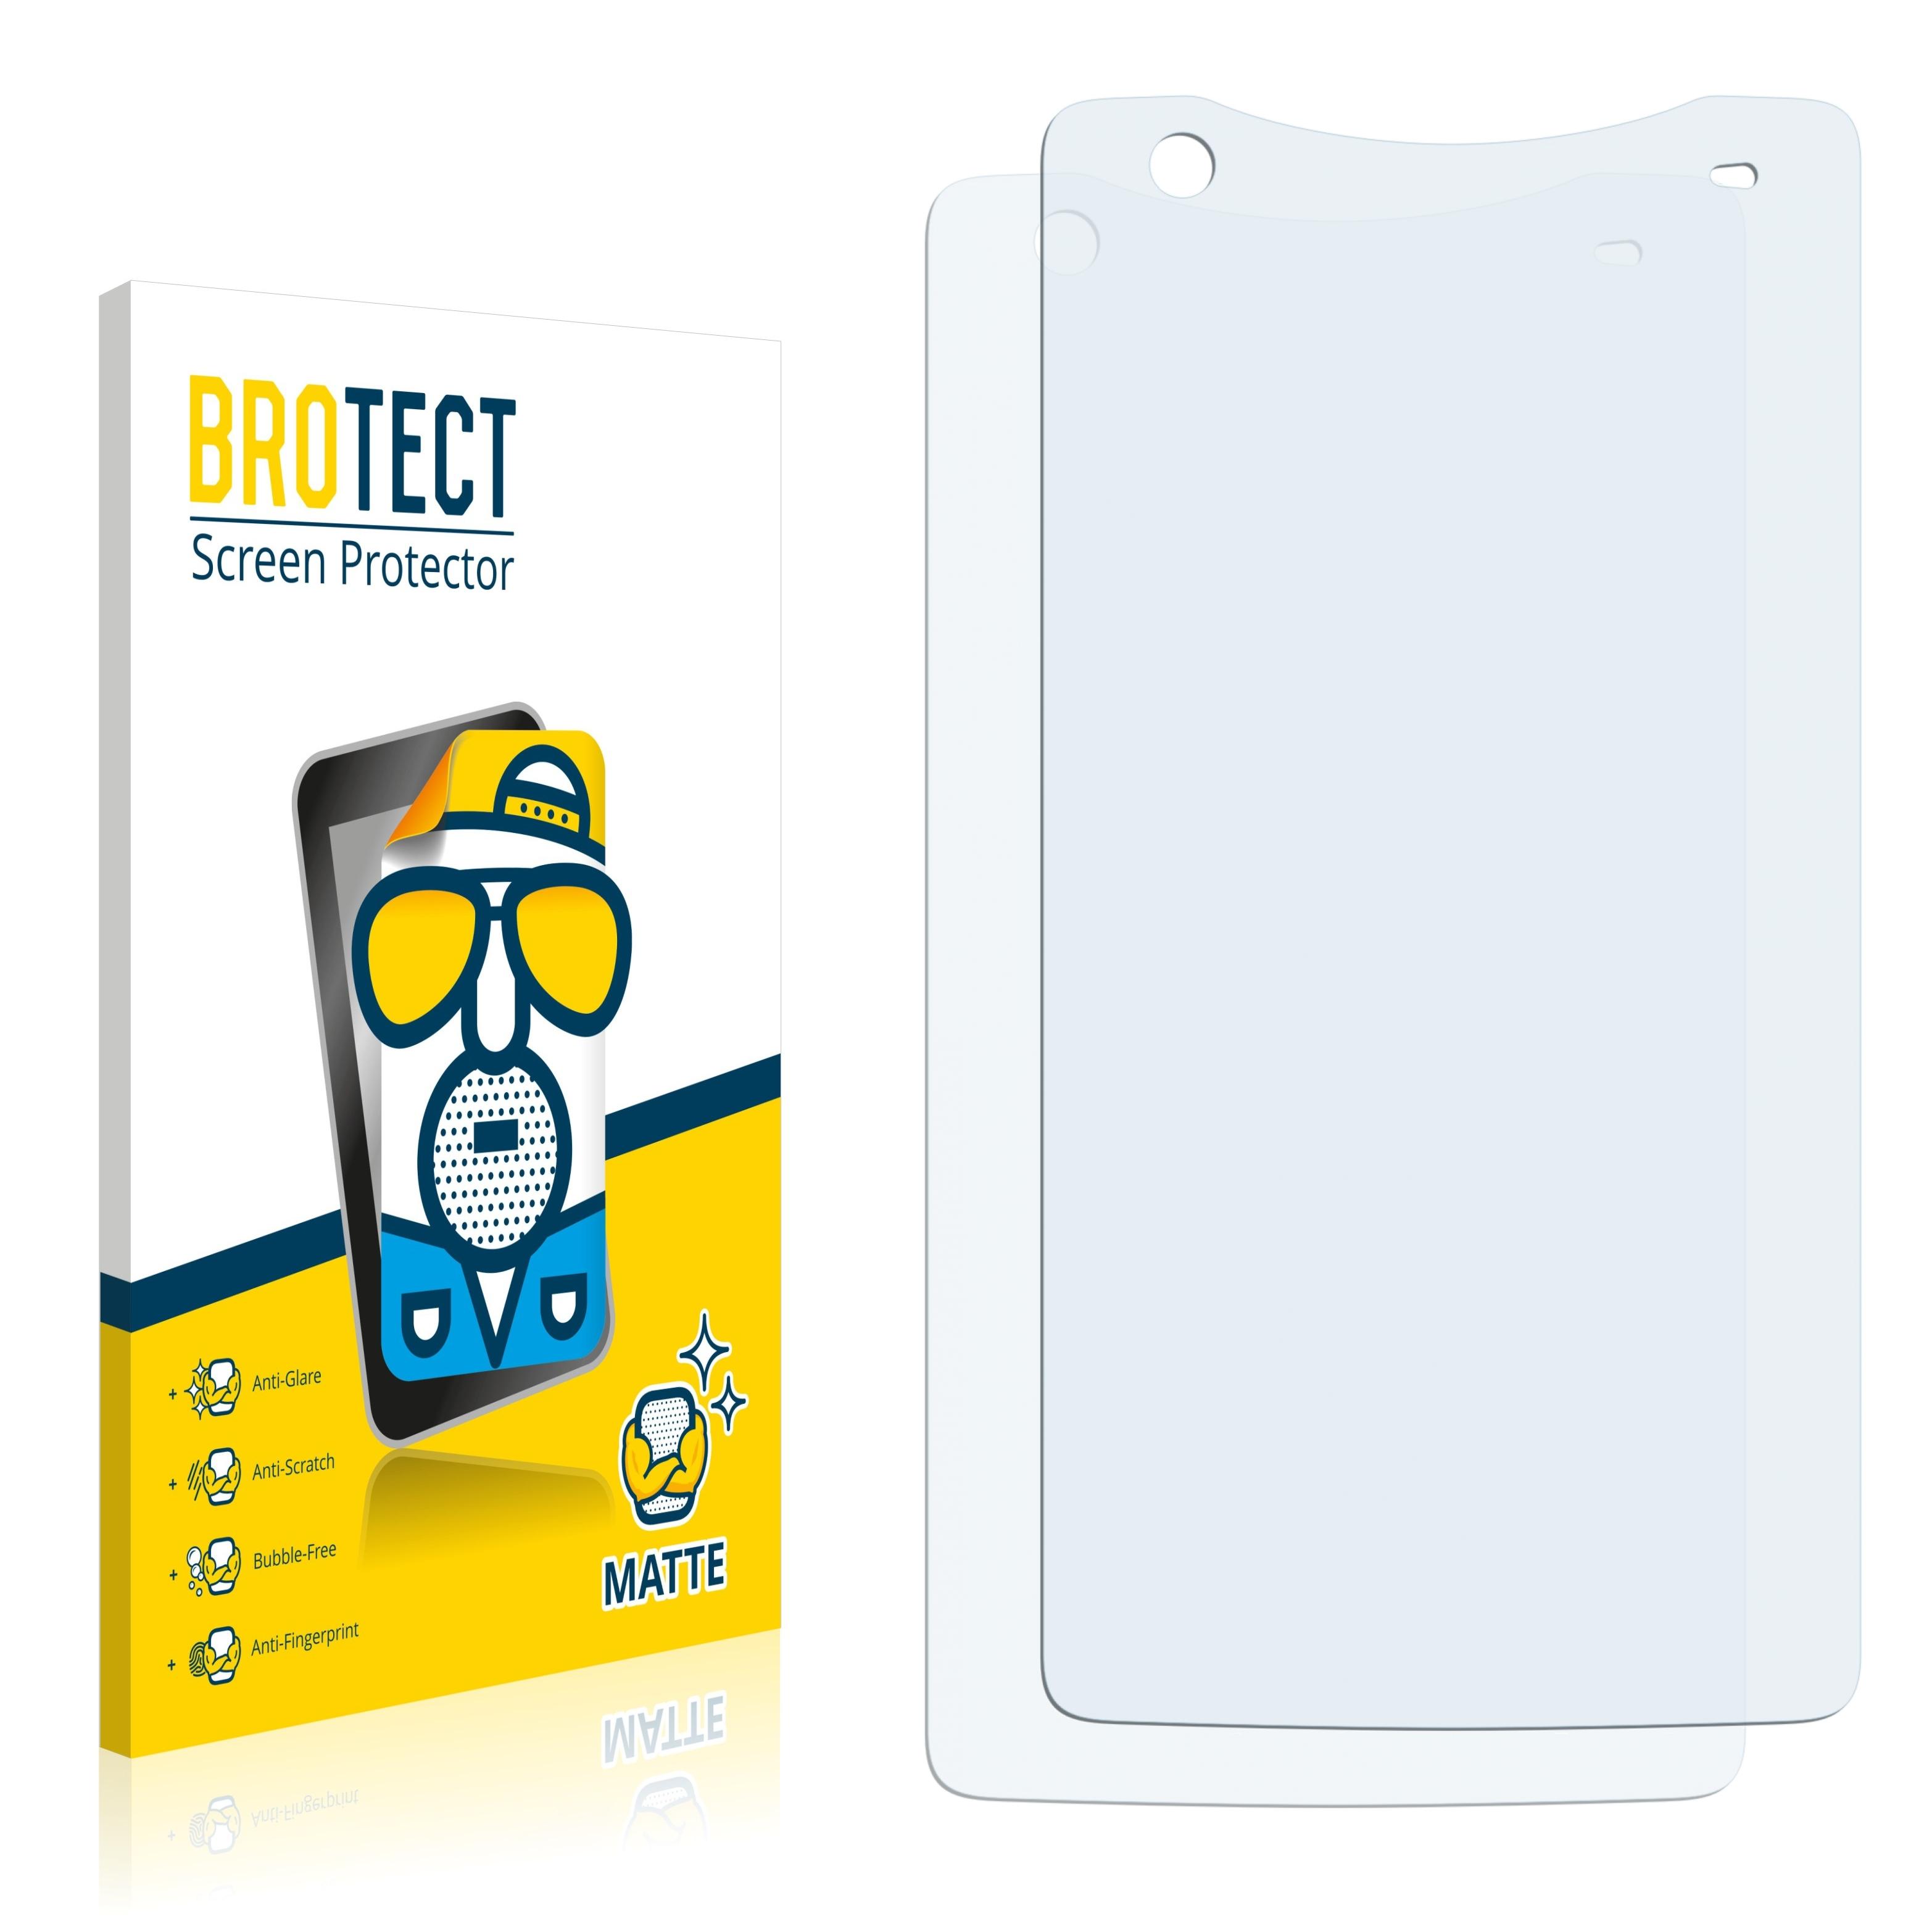 Matná ochranná fólie BROTECT pro Acer Liquid S1 Duo S510, 2 ks